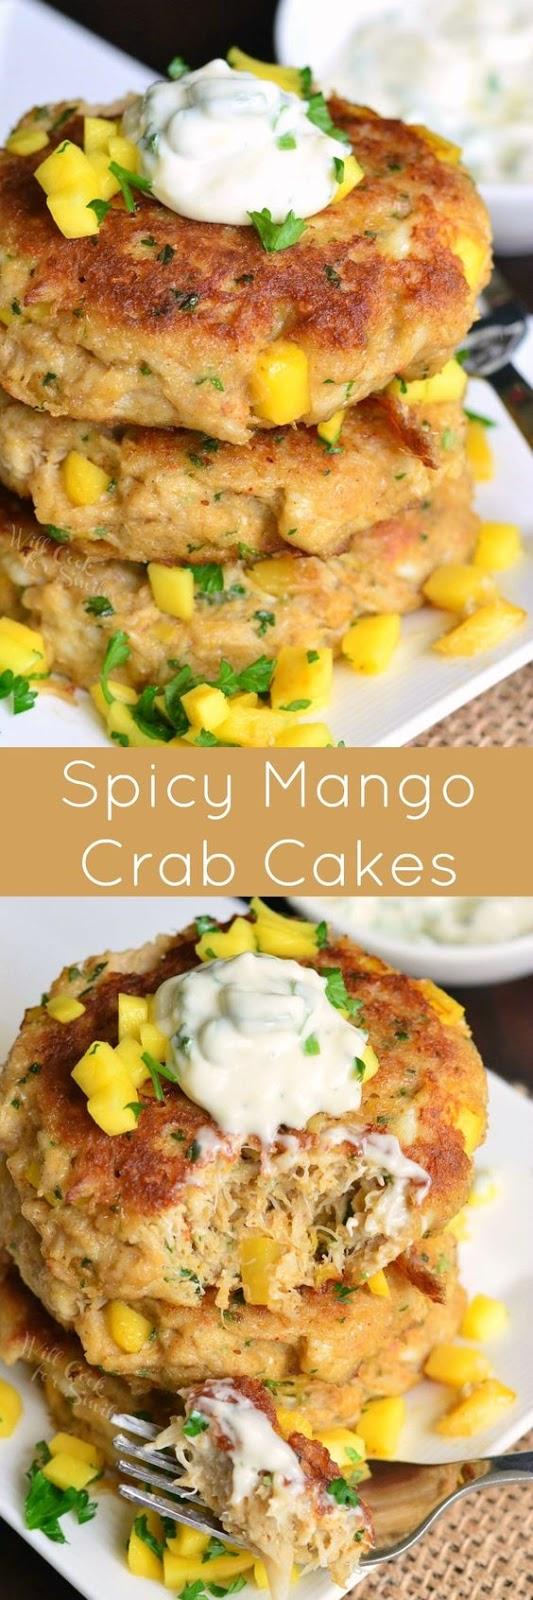 Spicy Mango Crab Cakes